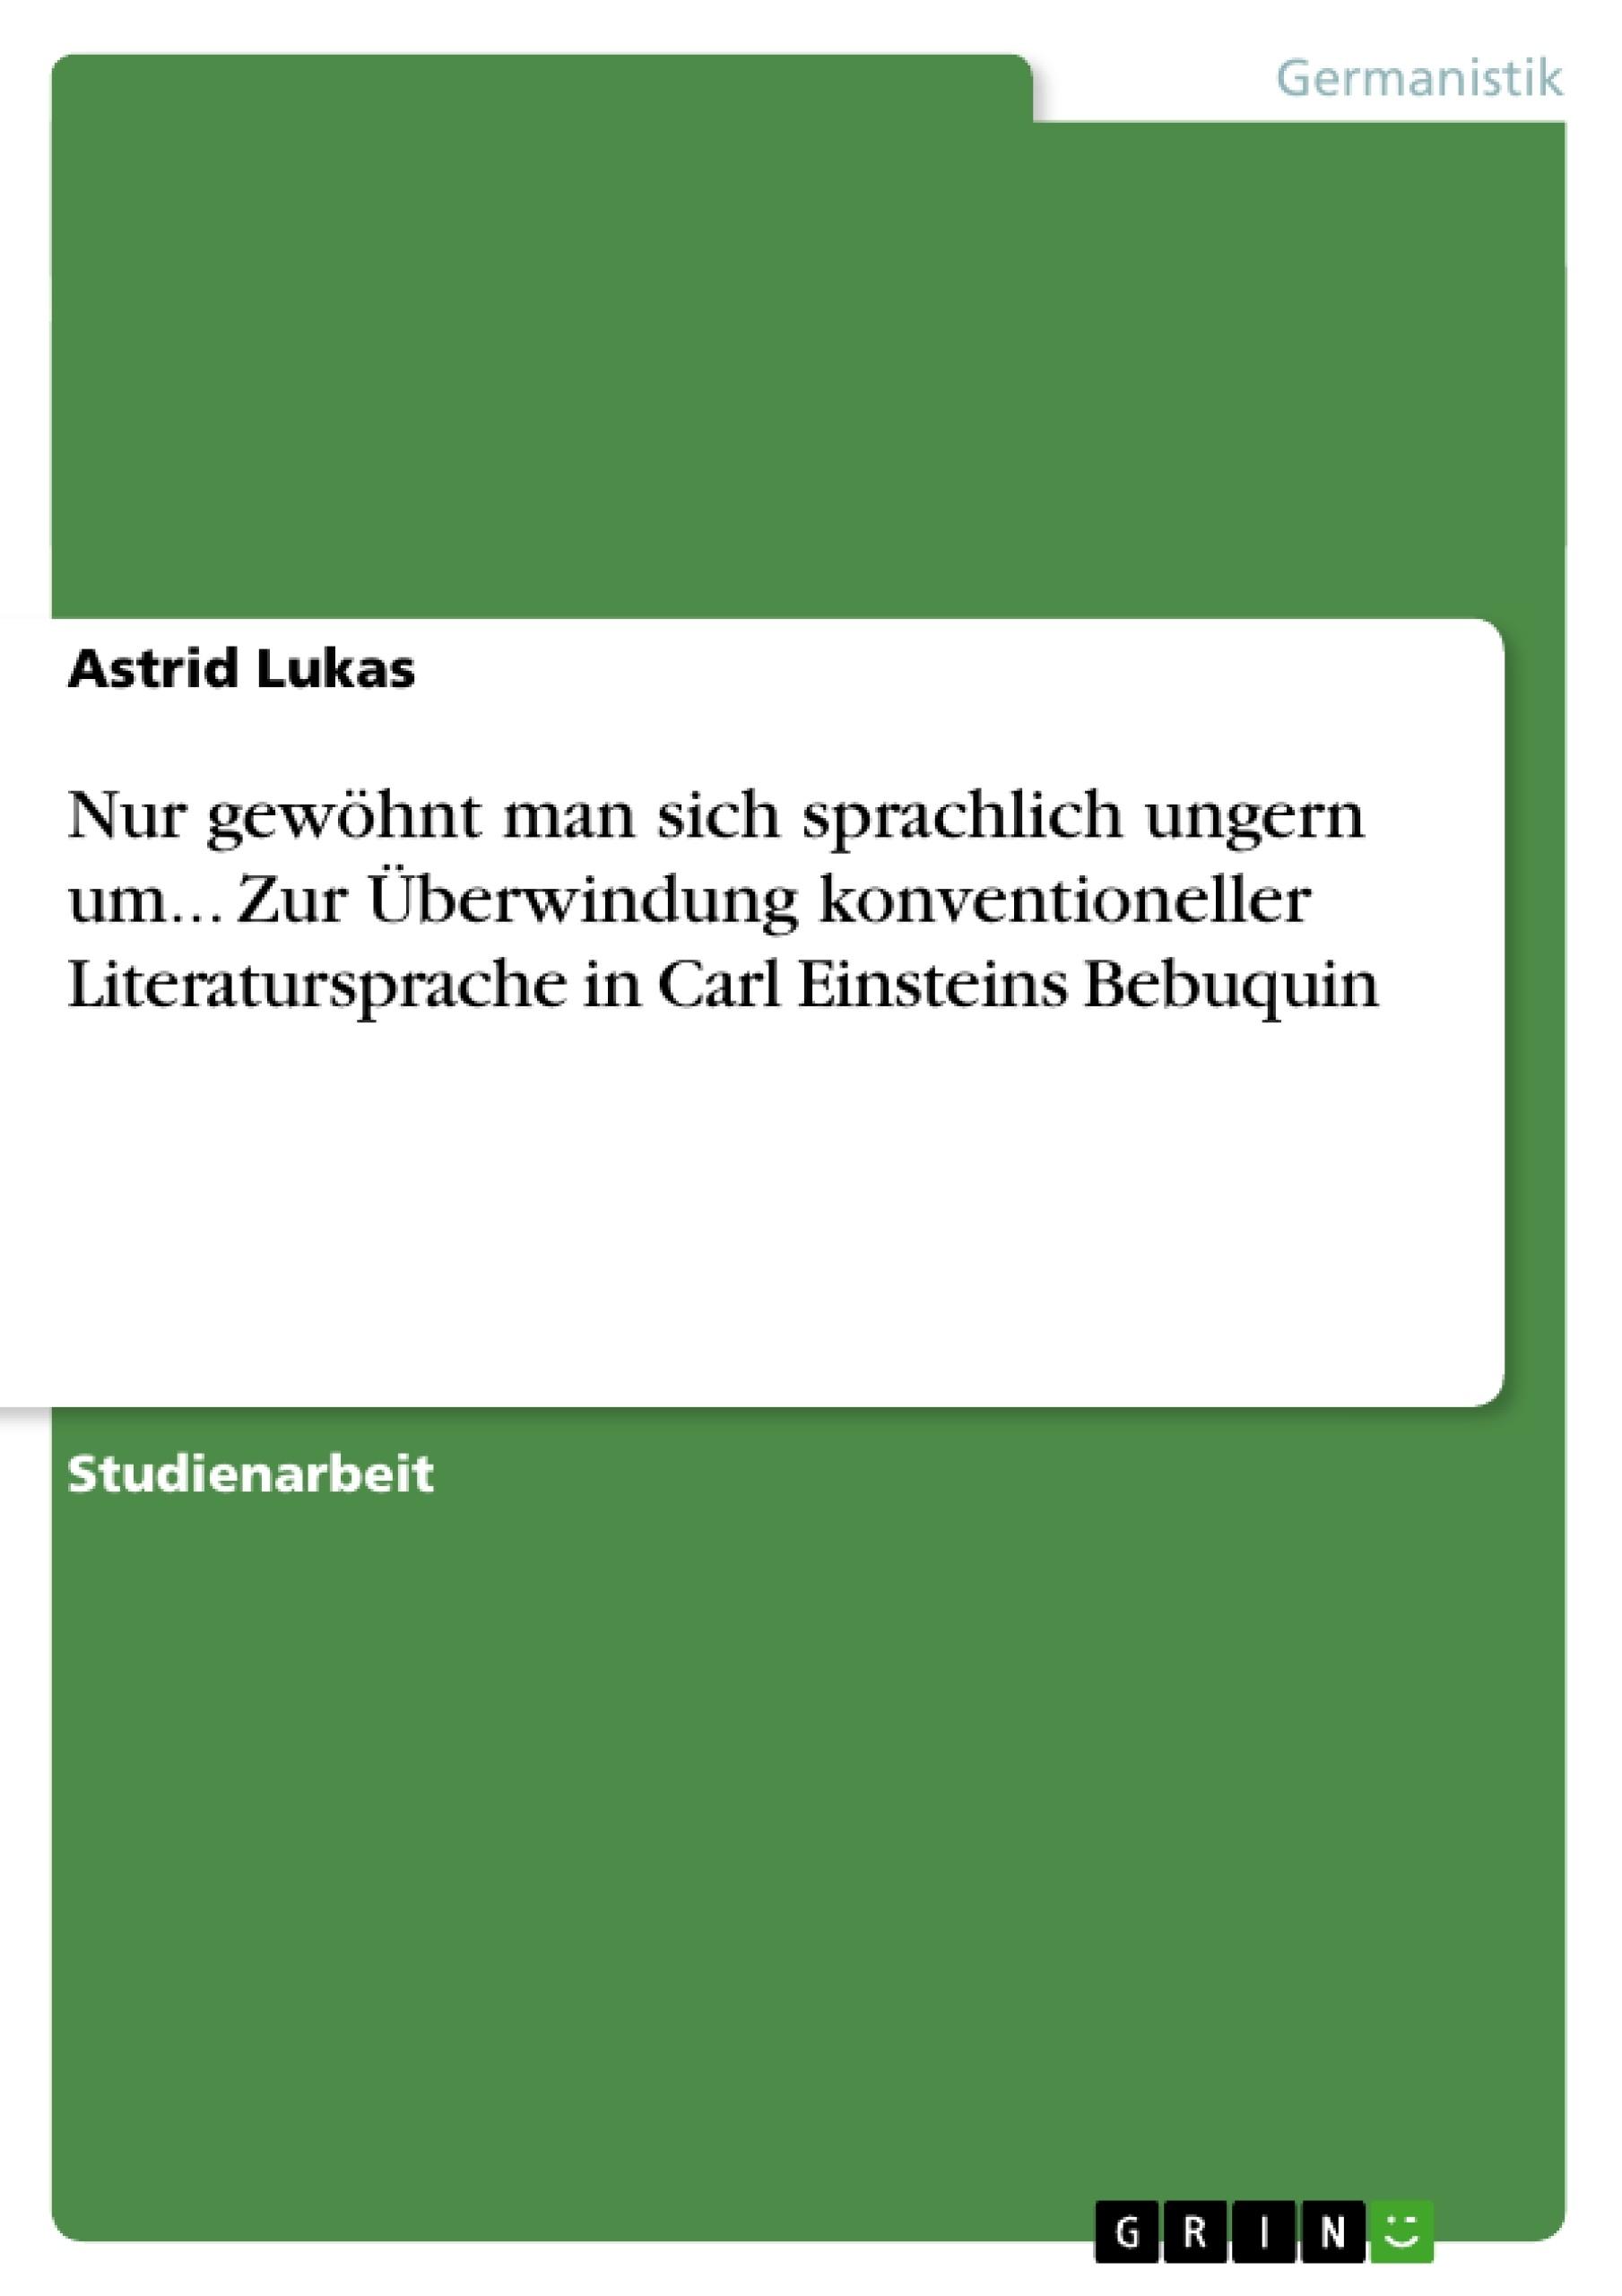 Titel: Nur gewöhnt man sich sprachlich ungern um... Zur Überwindung konventioneller Literatursprache in Carl Einsteins Bebuquin